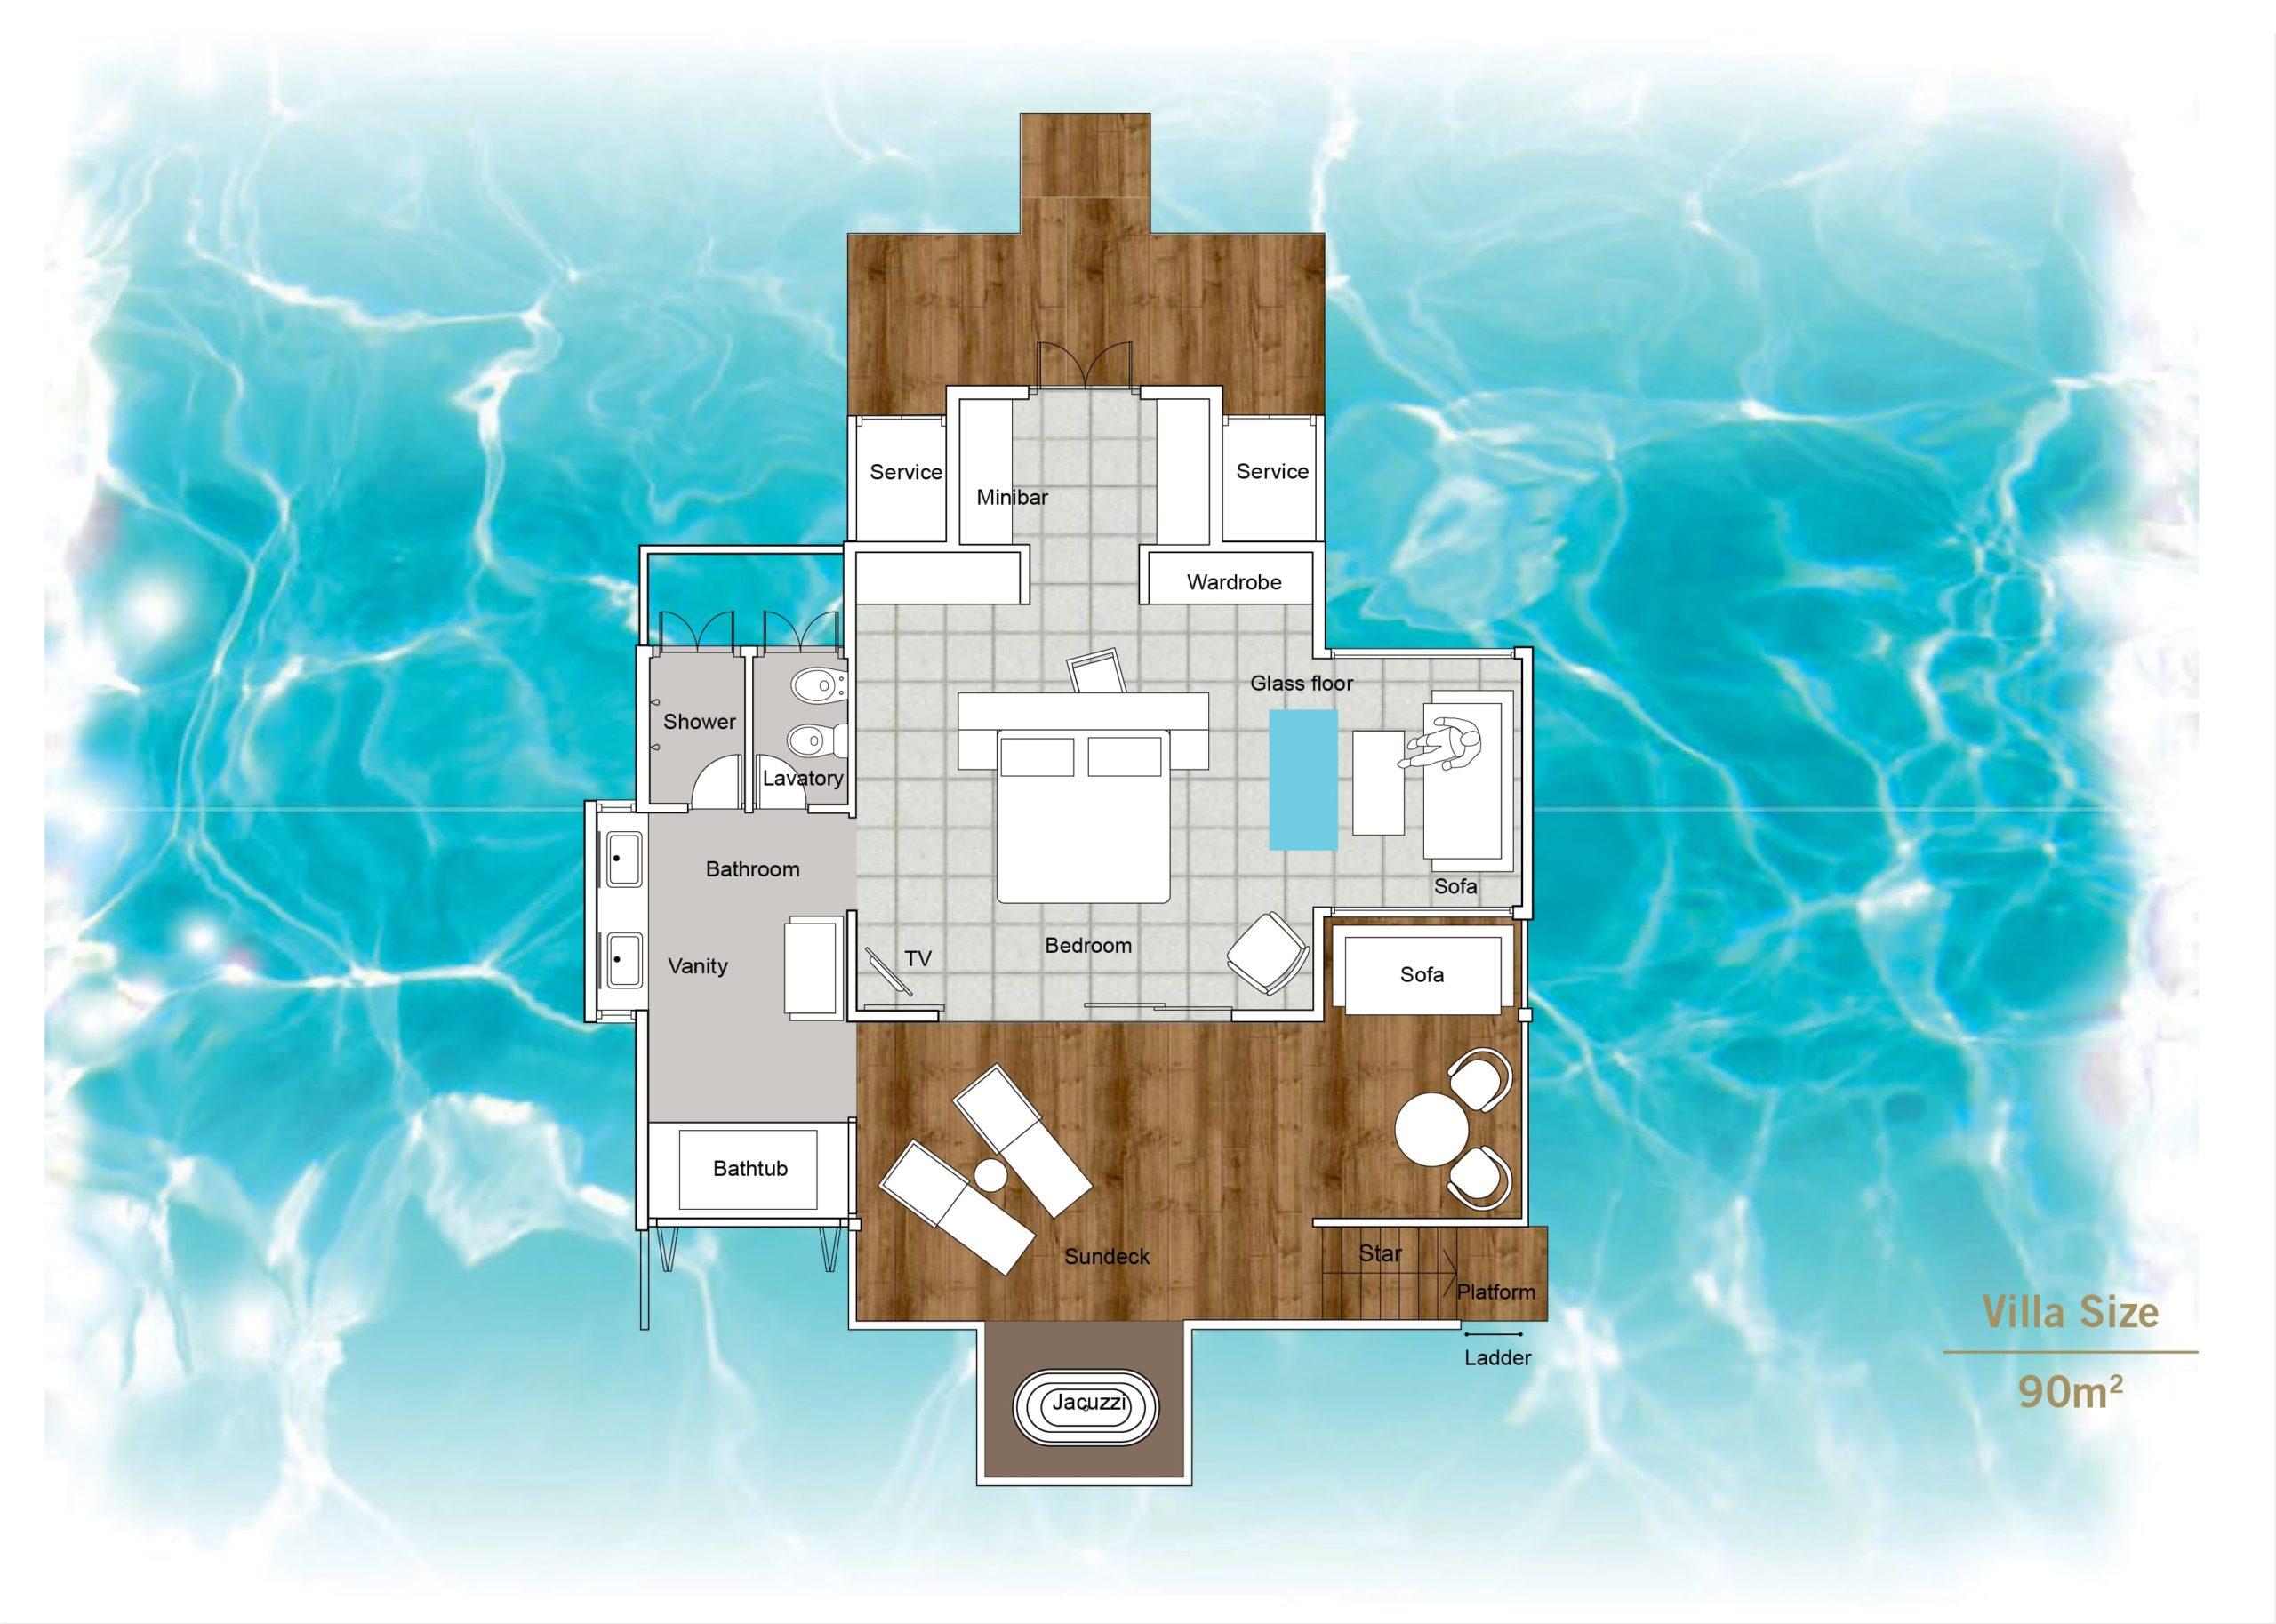 Мальдивы, отель Sun Siyam Iru Fushi, план-схема номера Horizon Water Villa